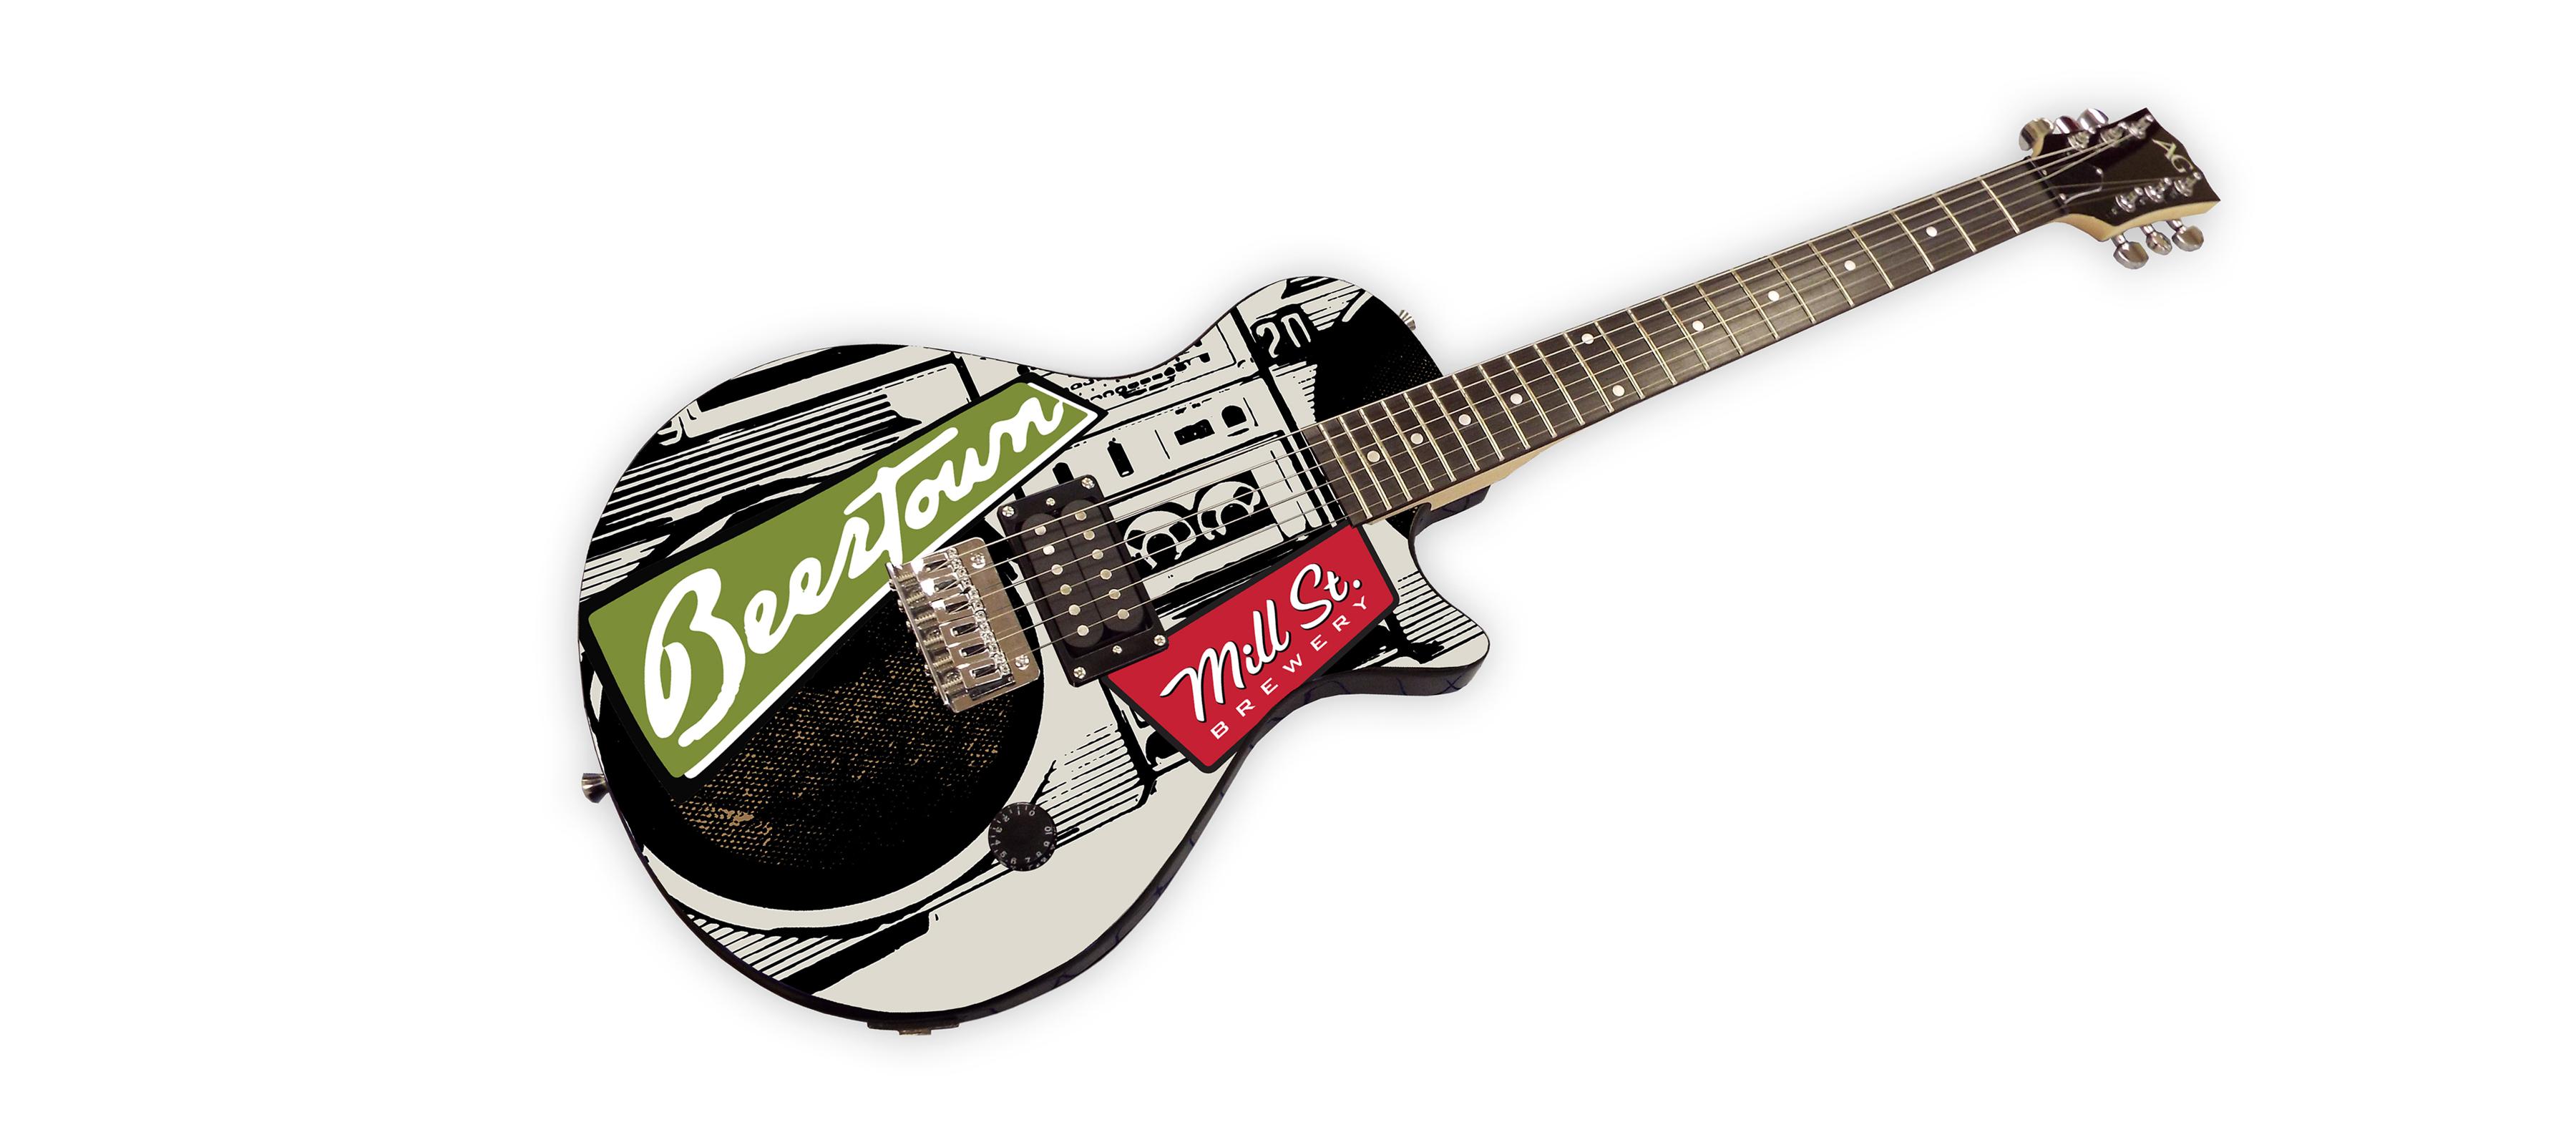 beertown guitar